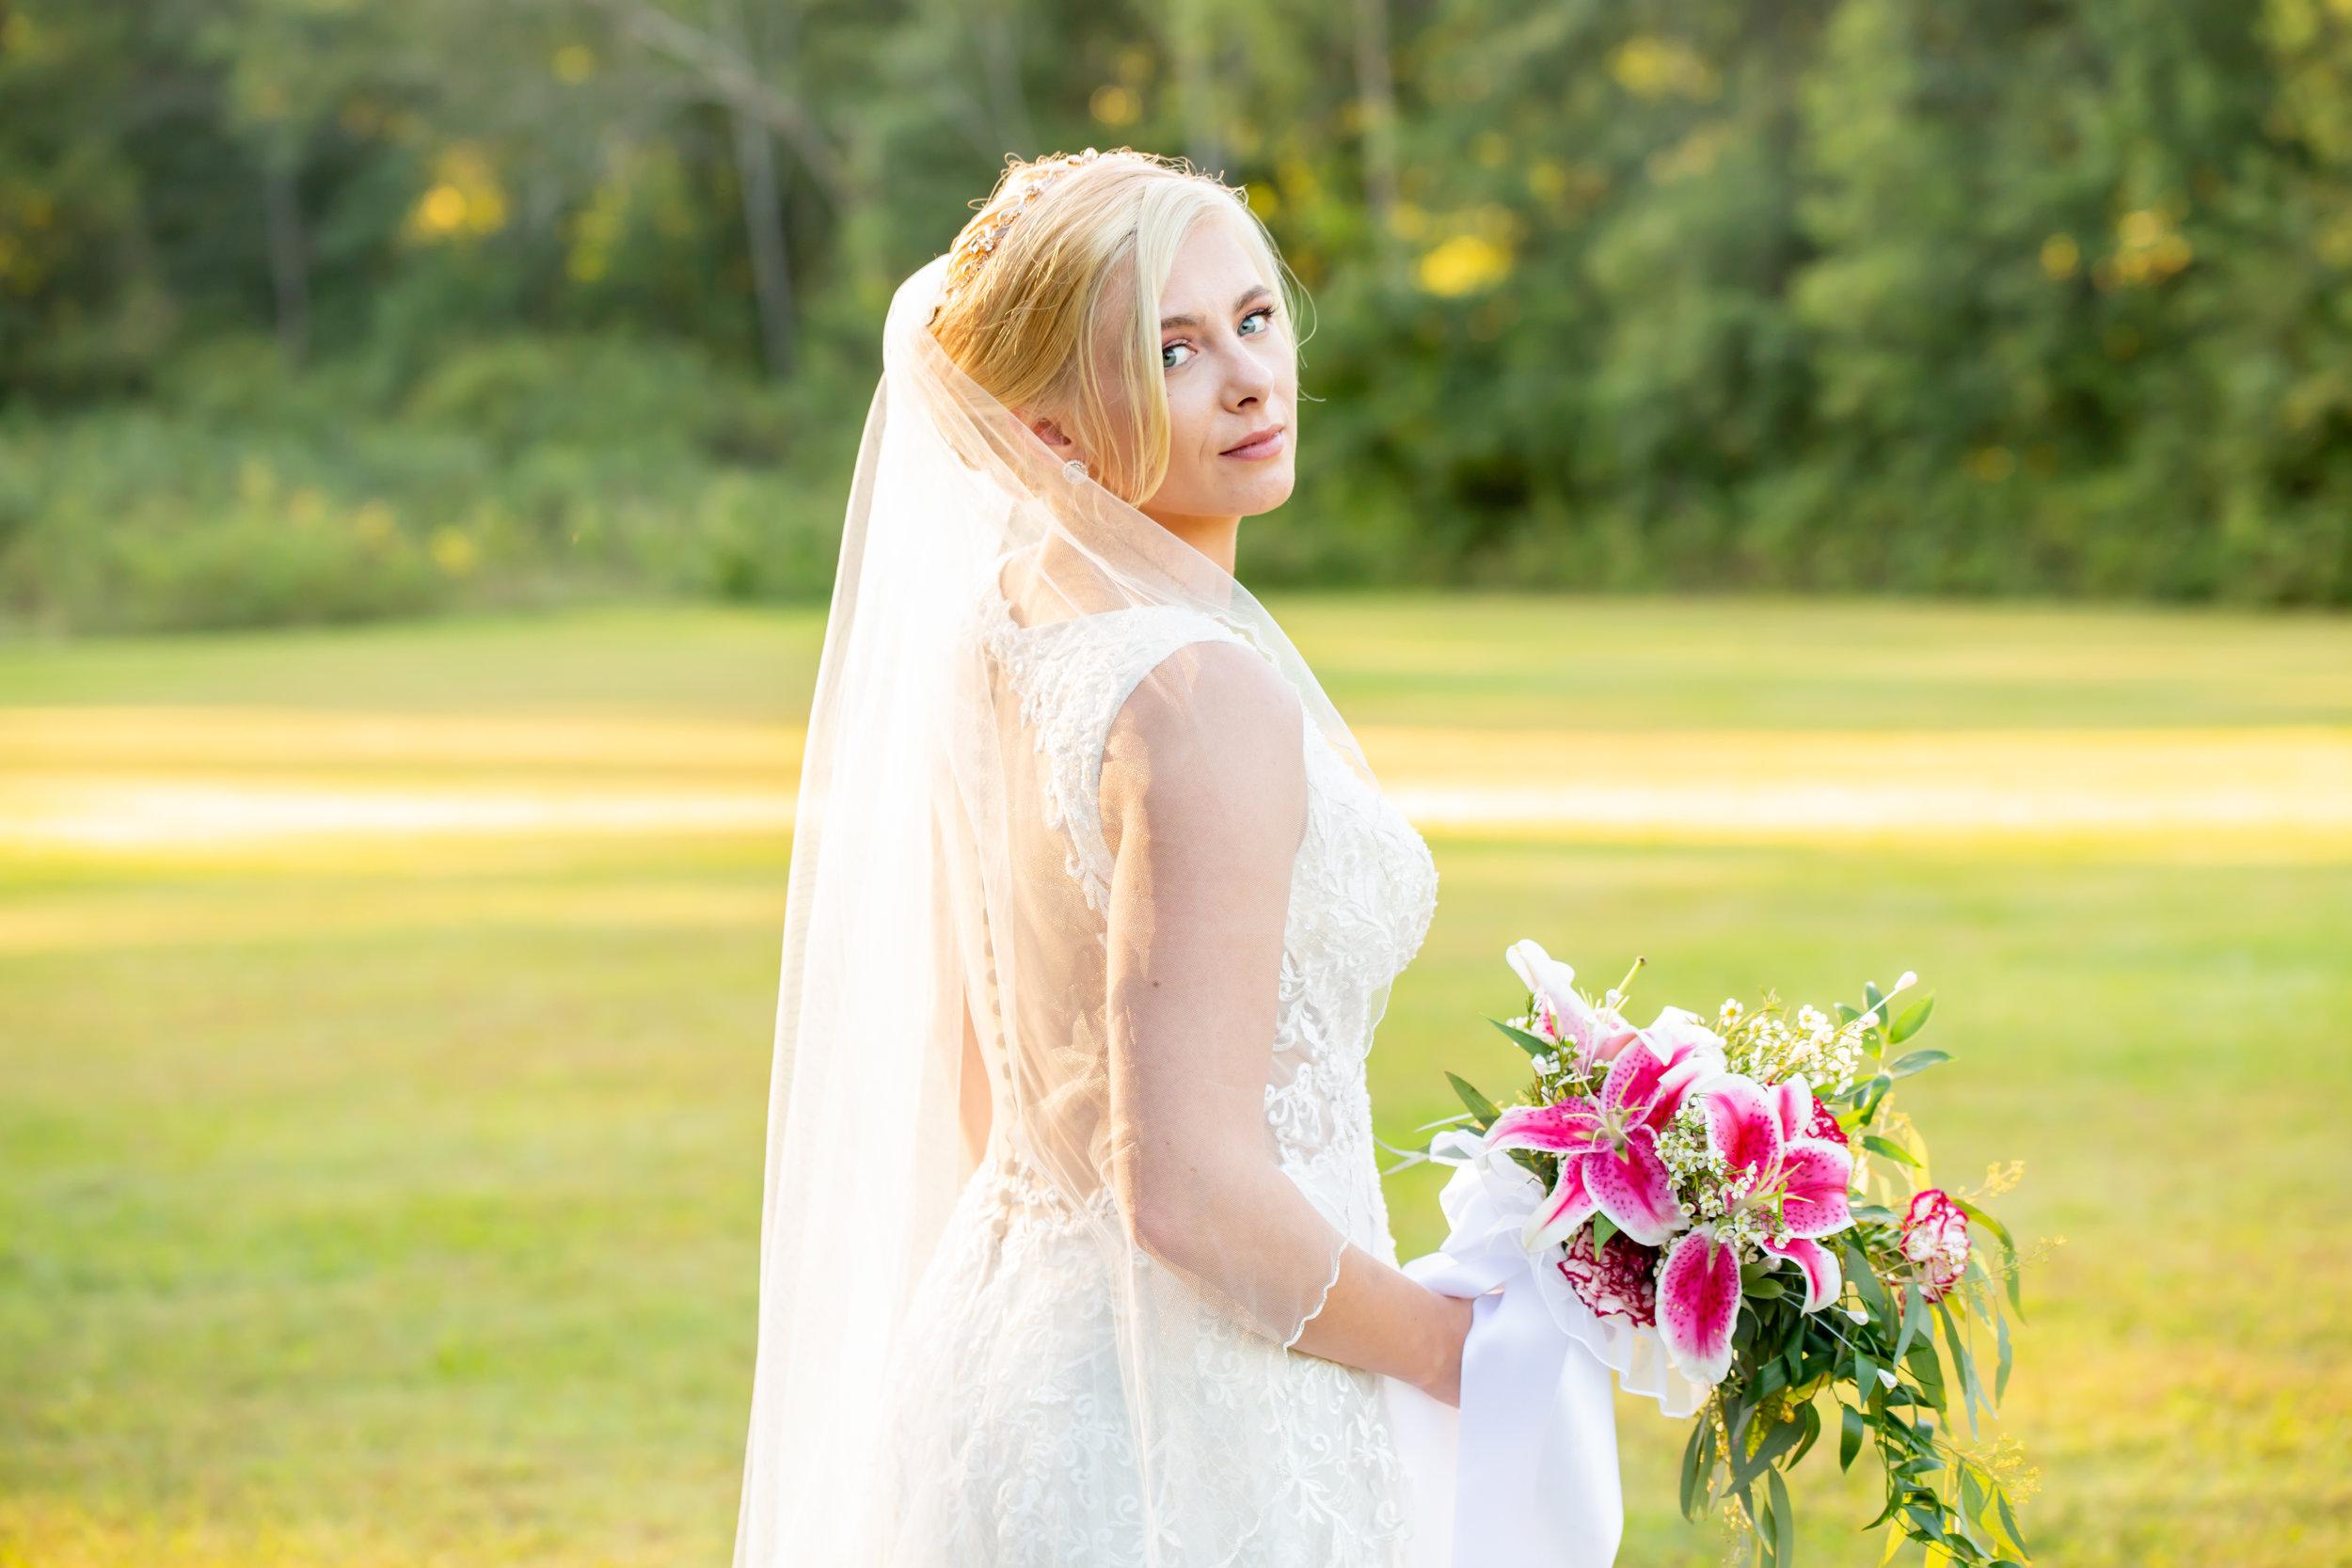 Hannah Cessna Photography - Wedding Photographer Akron Cleveland Ohio wedding photo Happy Days Lodge